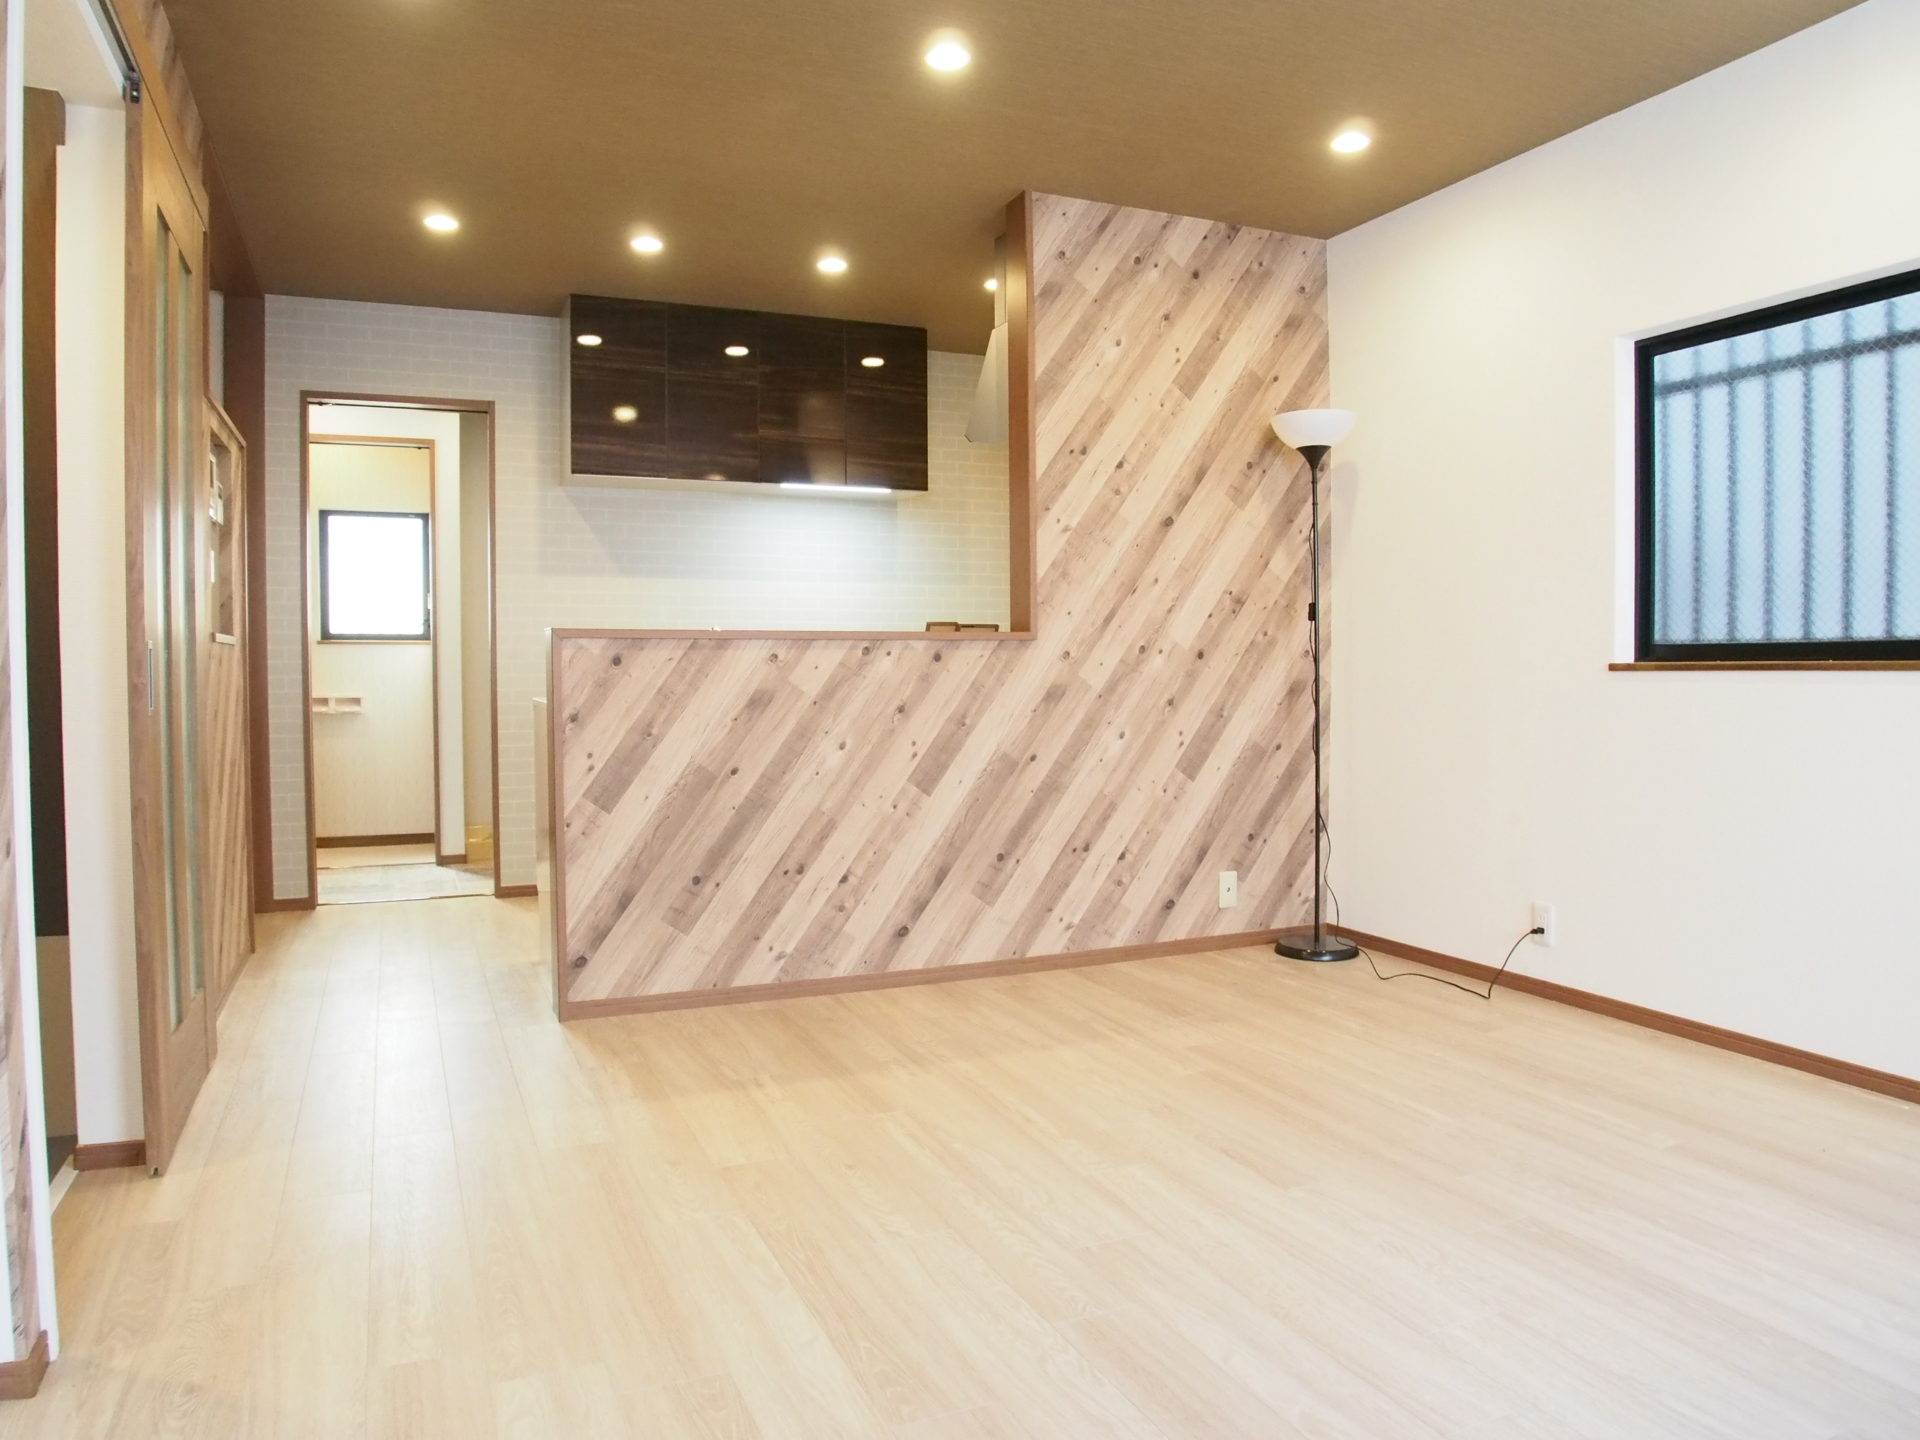 帝塚山西4戸建 リビングからのキッチン